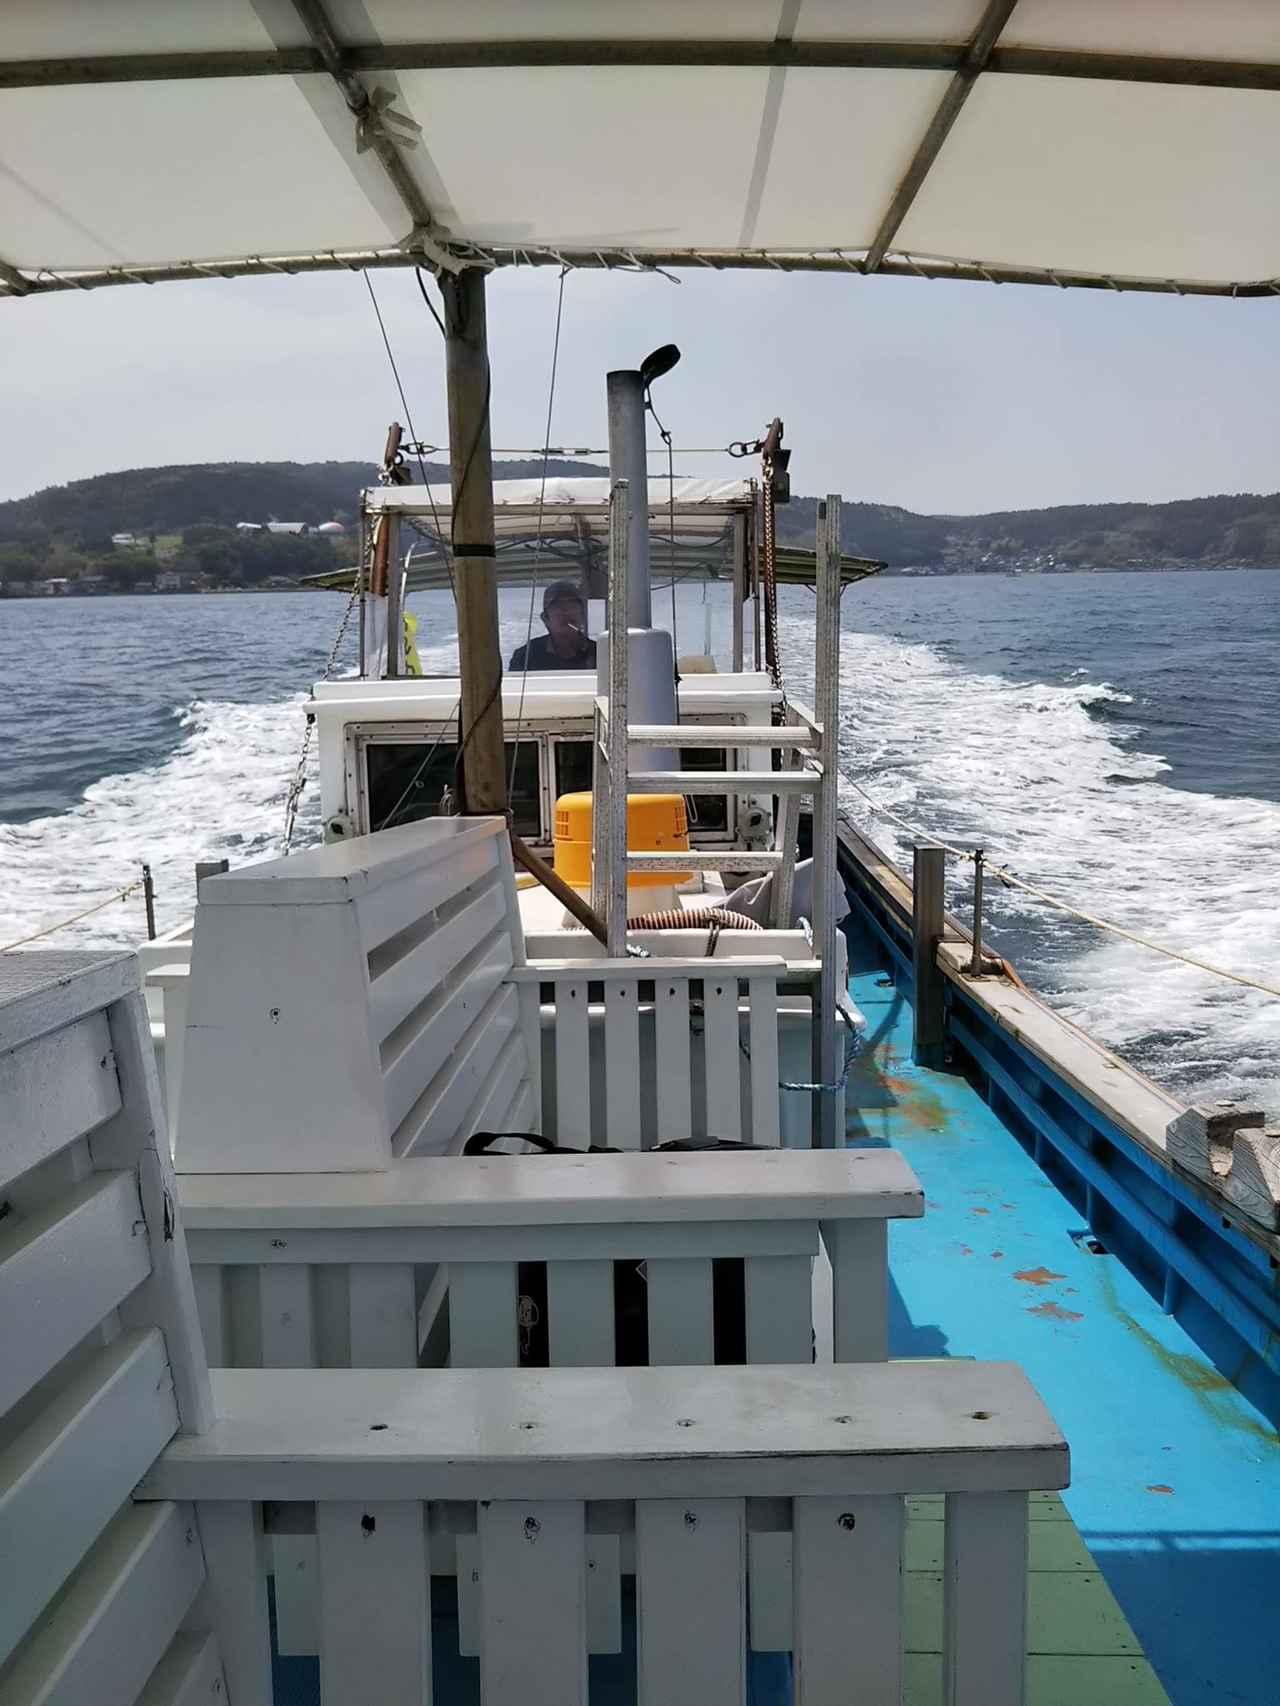 画像: 動き出してほんの10分程度で、船が止まるとイルカが近づいて来ました。 「わ〜すごい〜」船長さんはイルカは頭が良く、何にでも興味があるから近ずいてくるんだと教えてくれました。